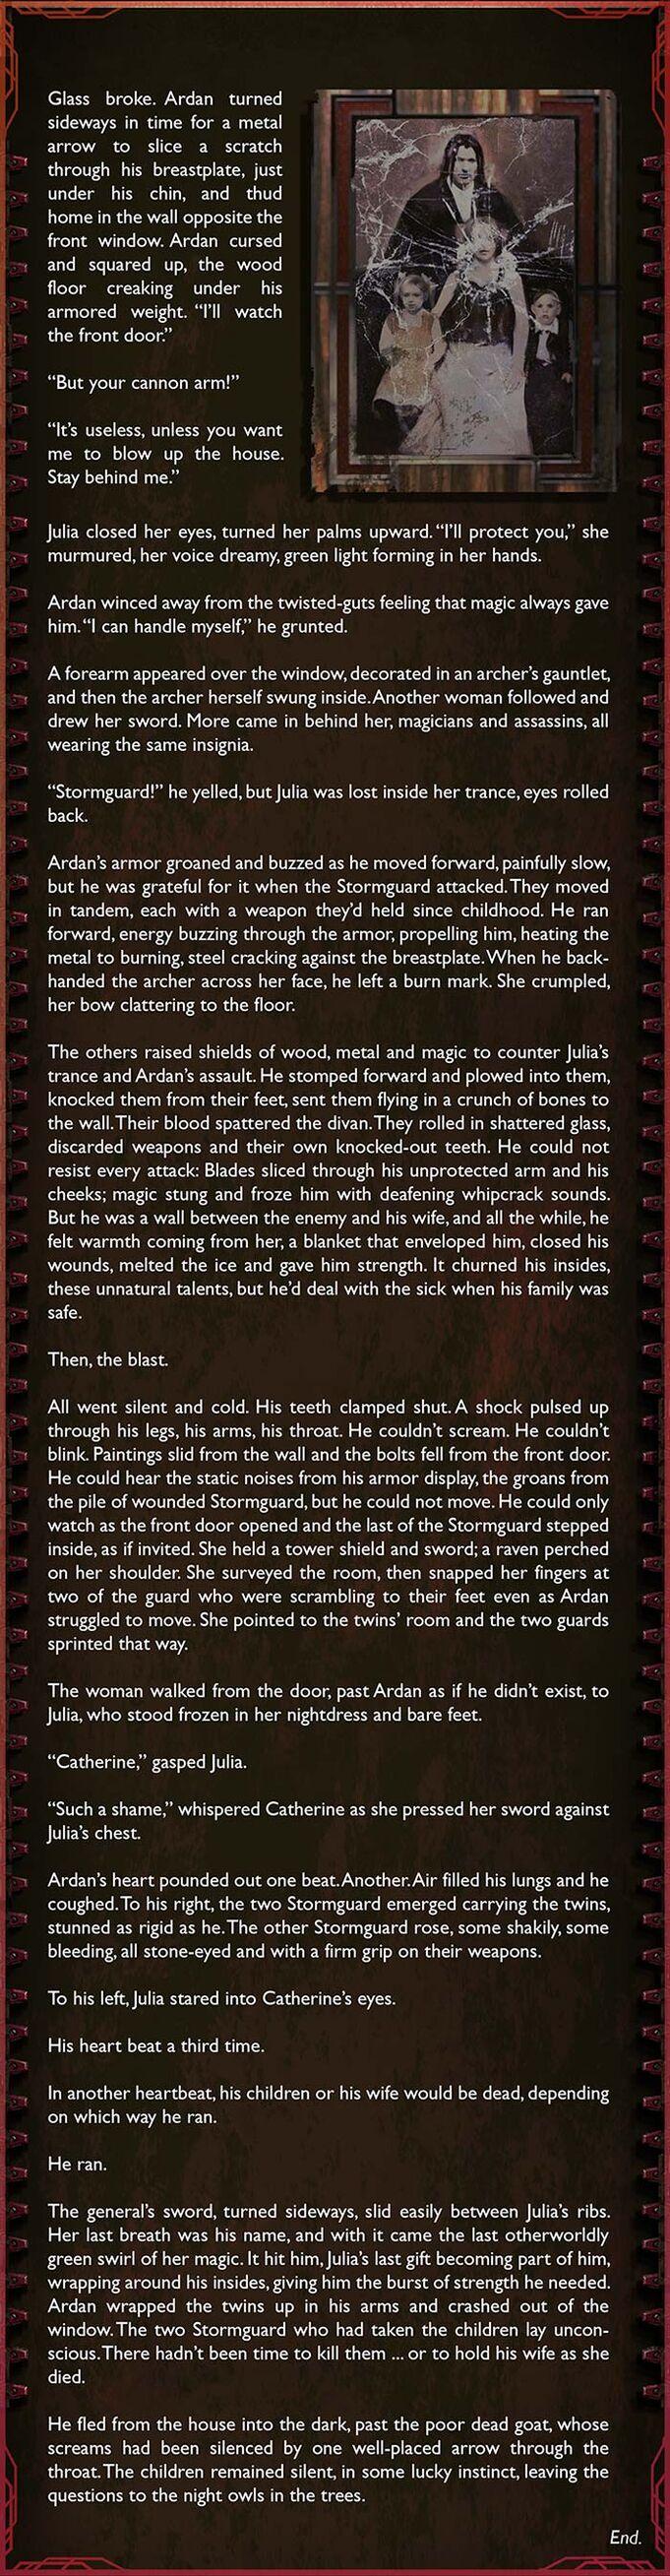 Ardan sec lore part 2